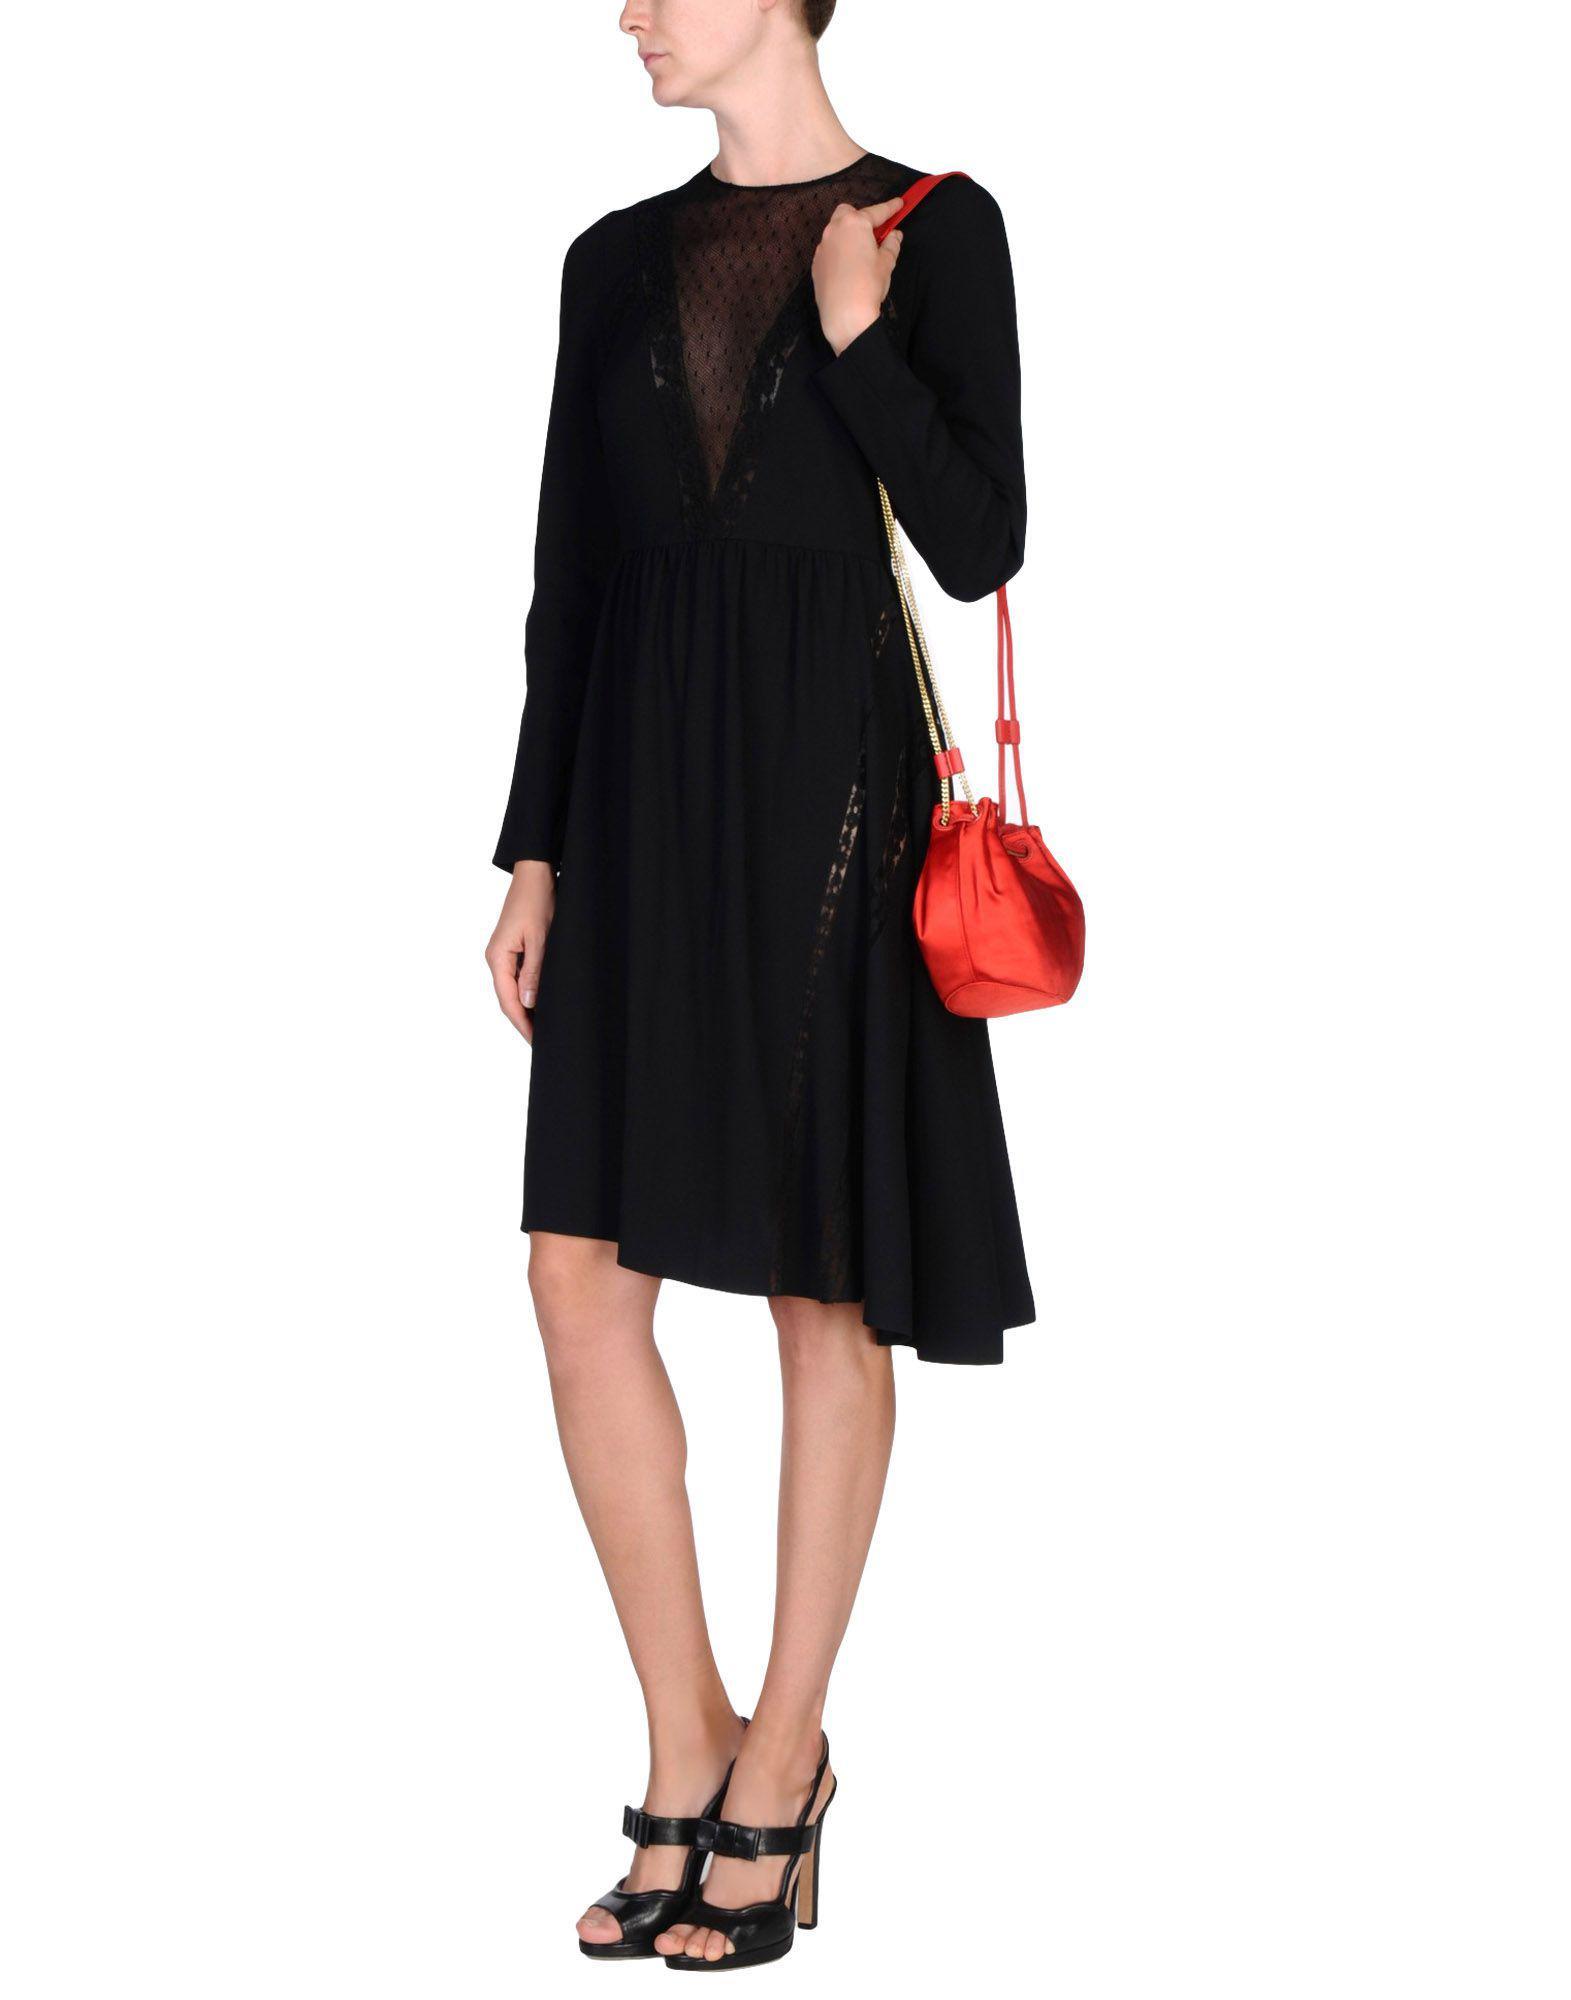 Diane von Furstenberg Cross-body Bag in Red